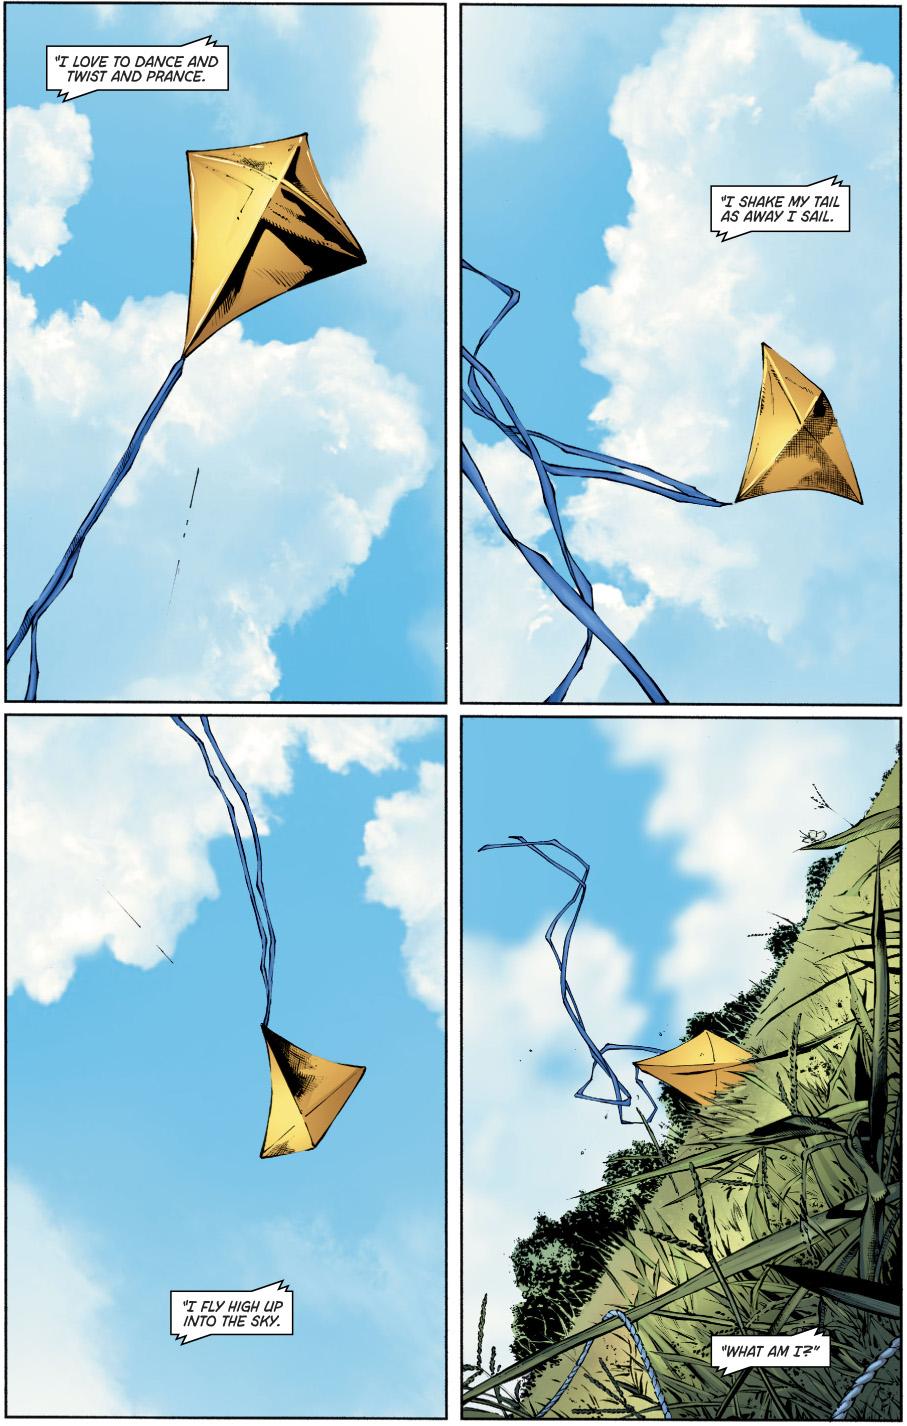 Kite-Man's Origin Story